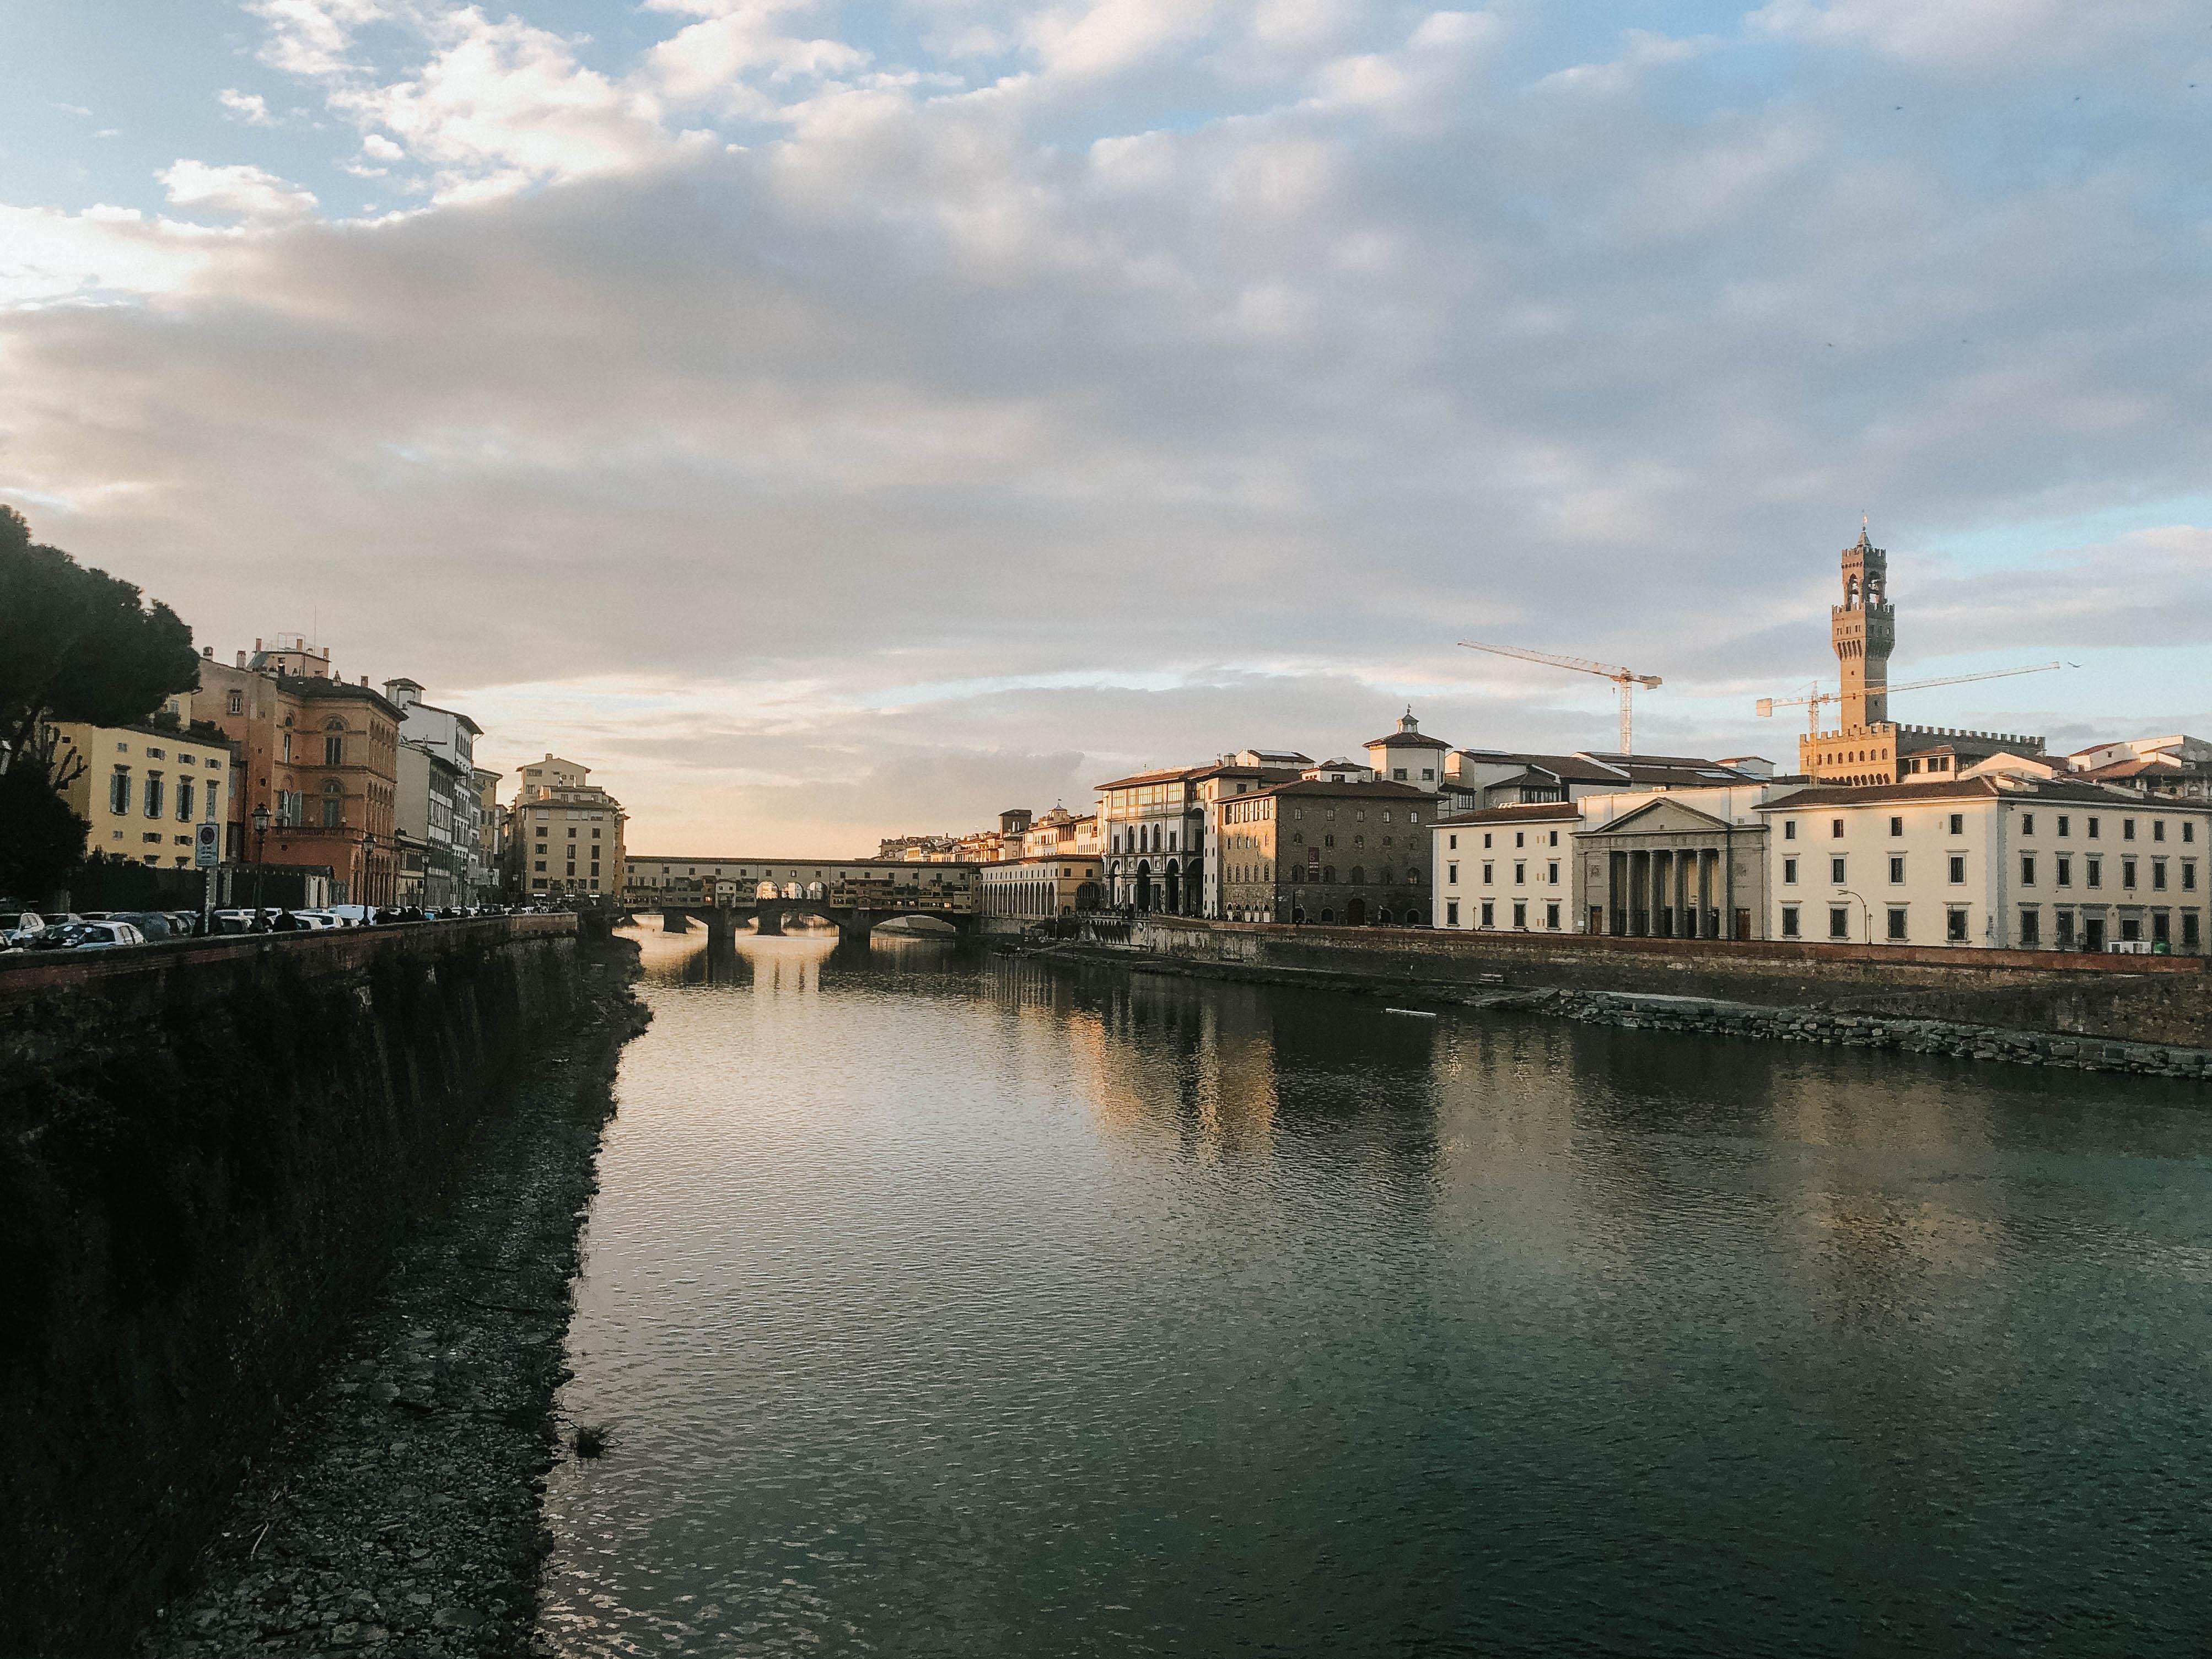 Life in Italy quarantine